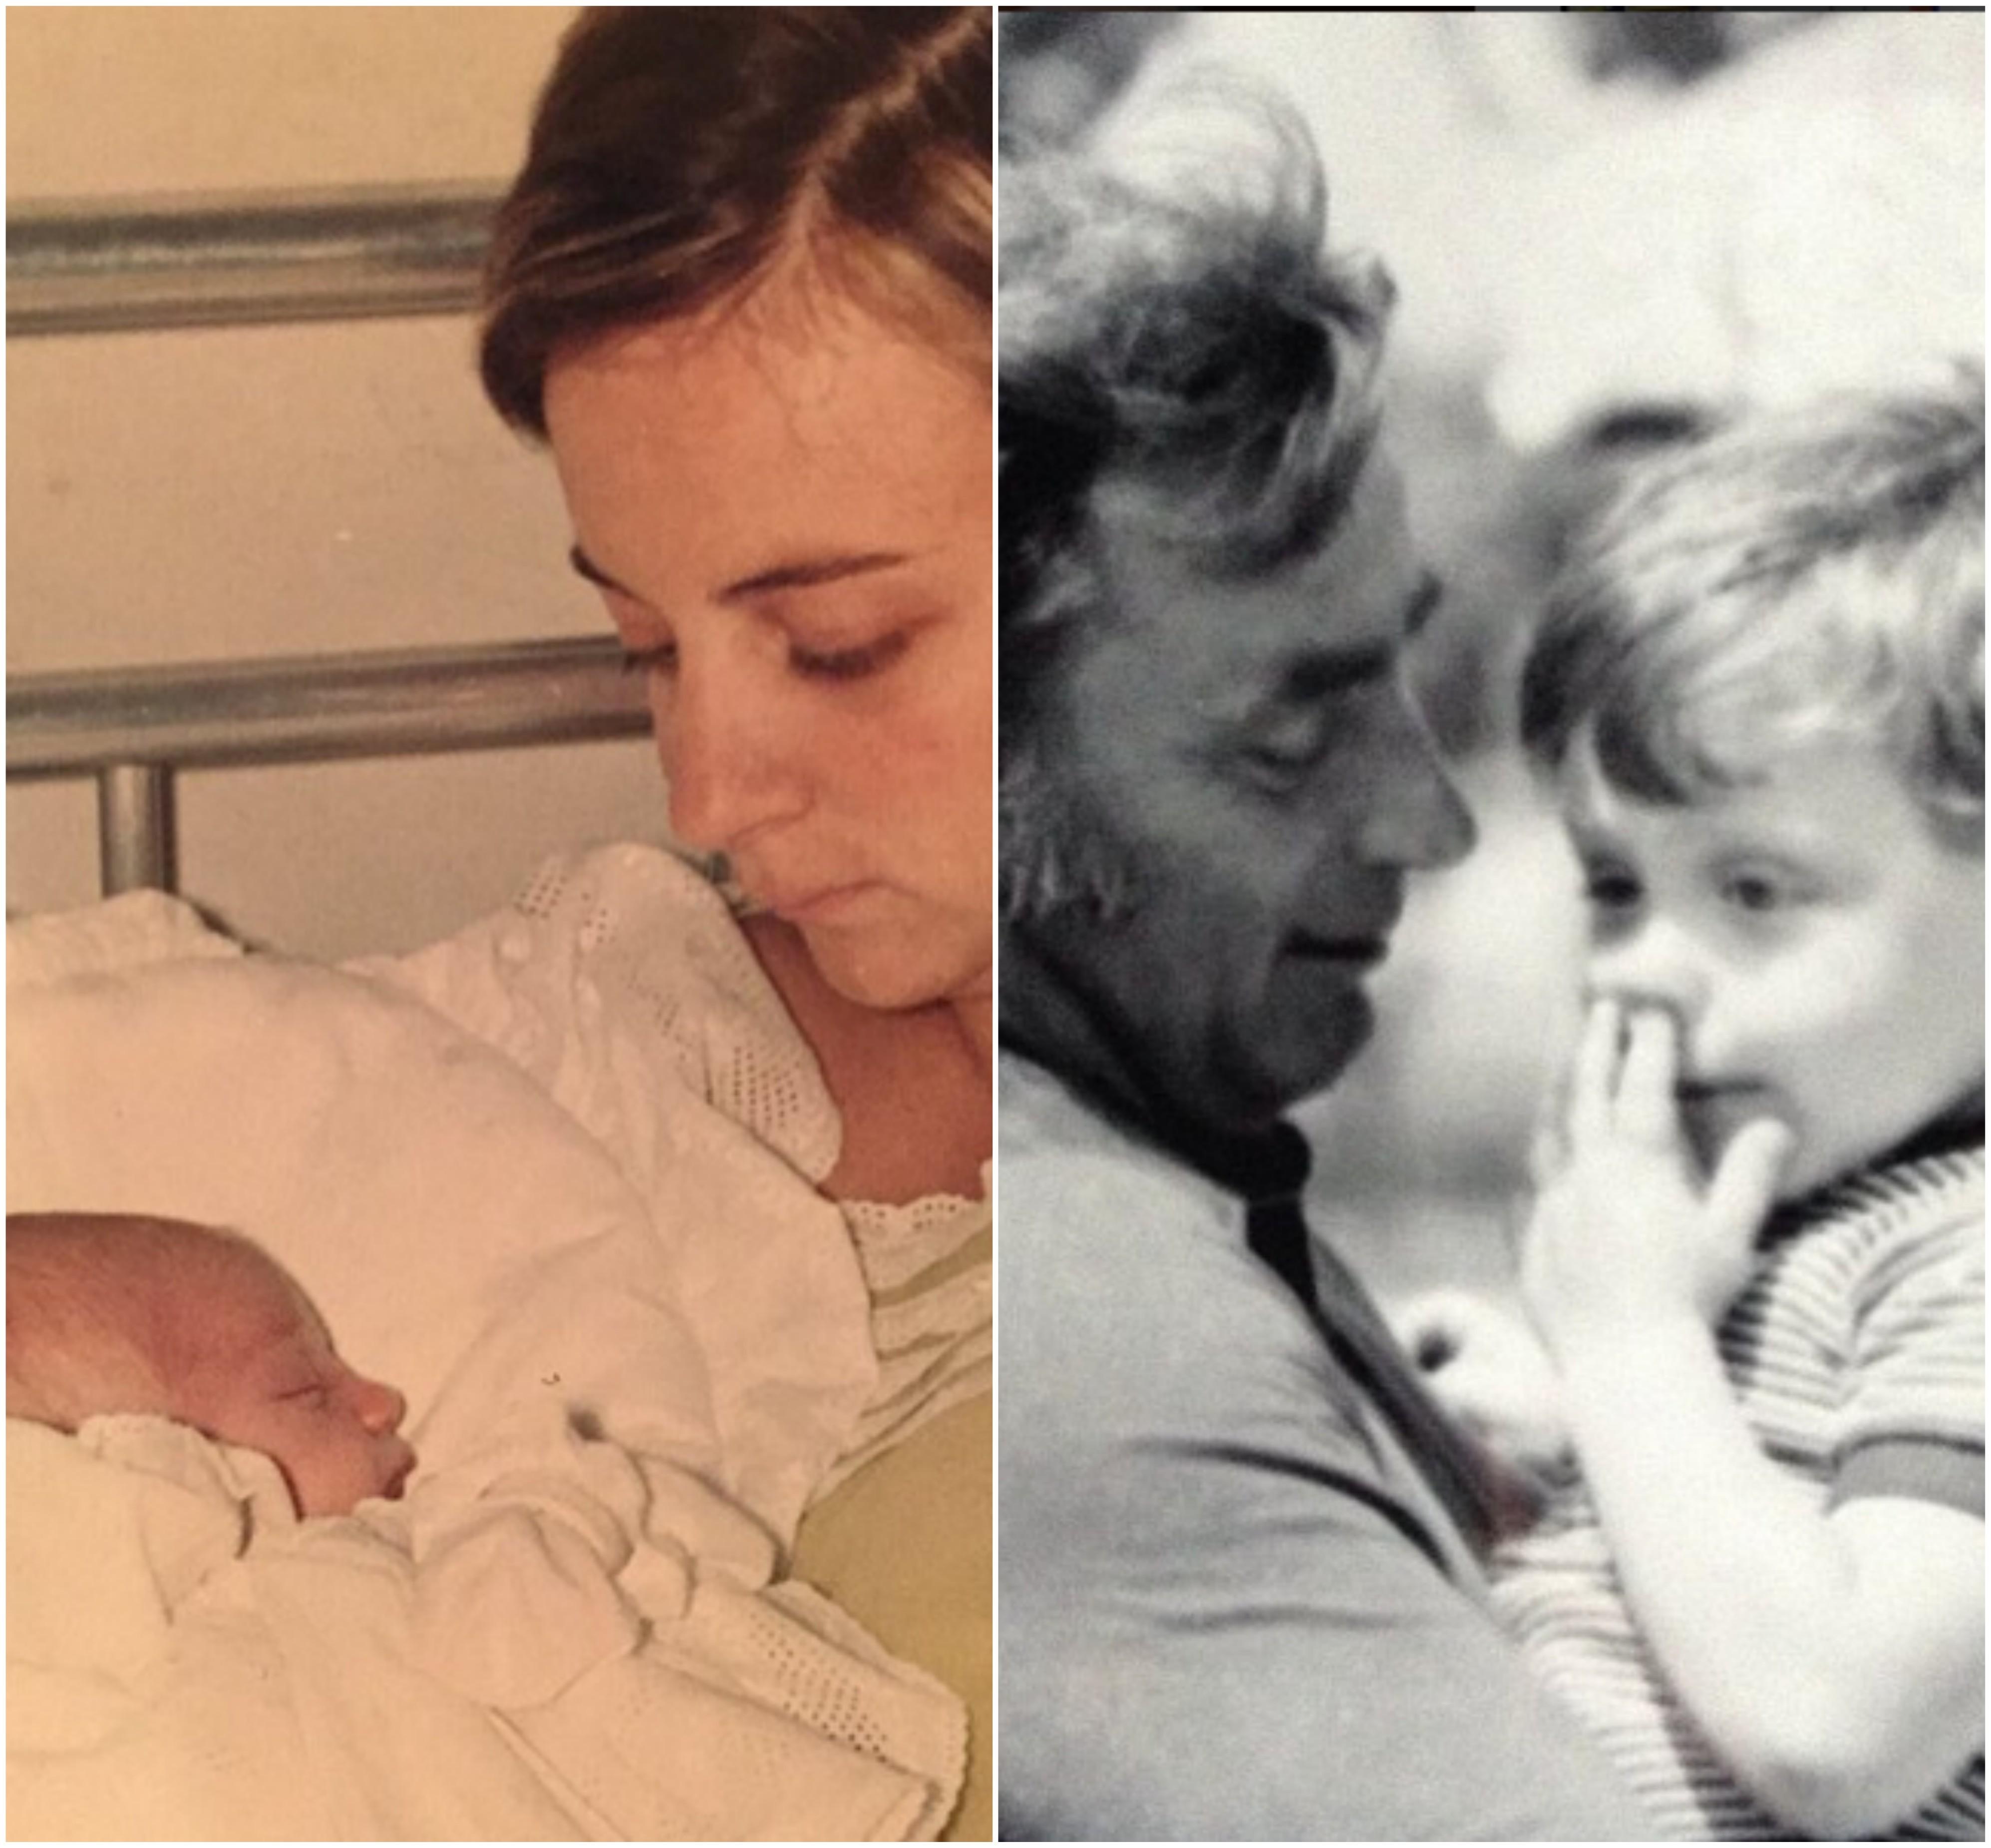 Gianluca le mulţumeşte mereu părinţilor pentru felul în care l-au crescut.